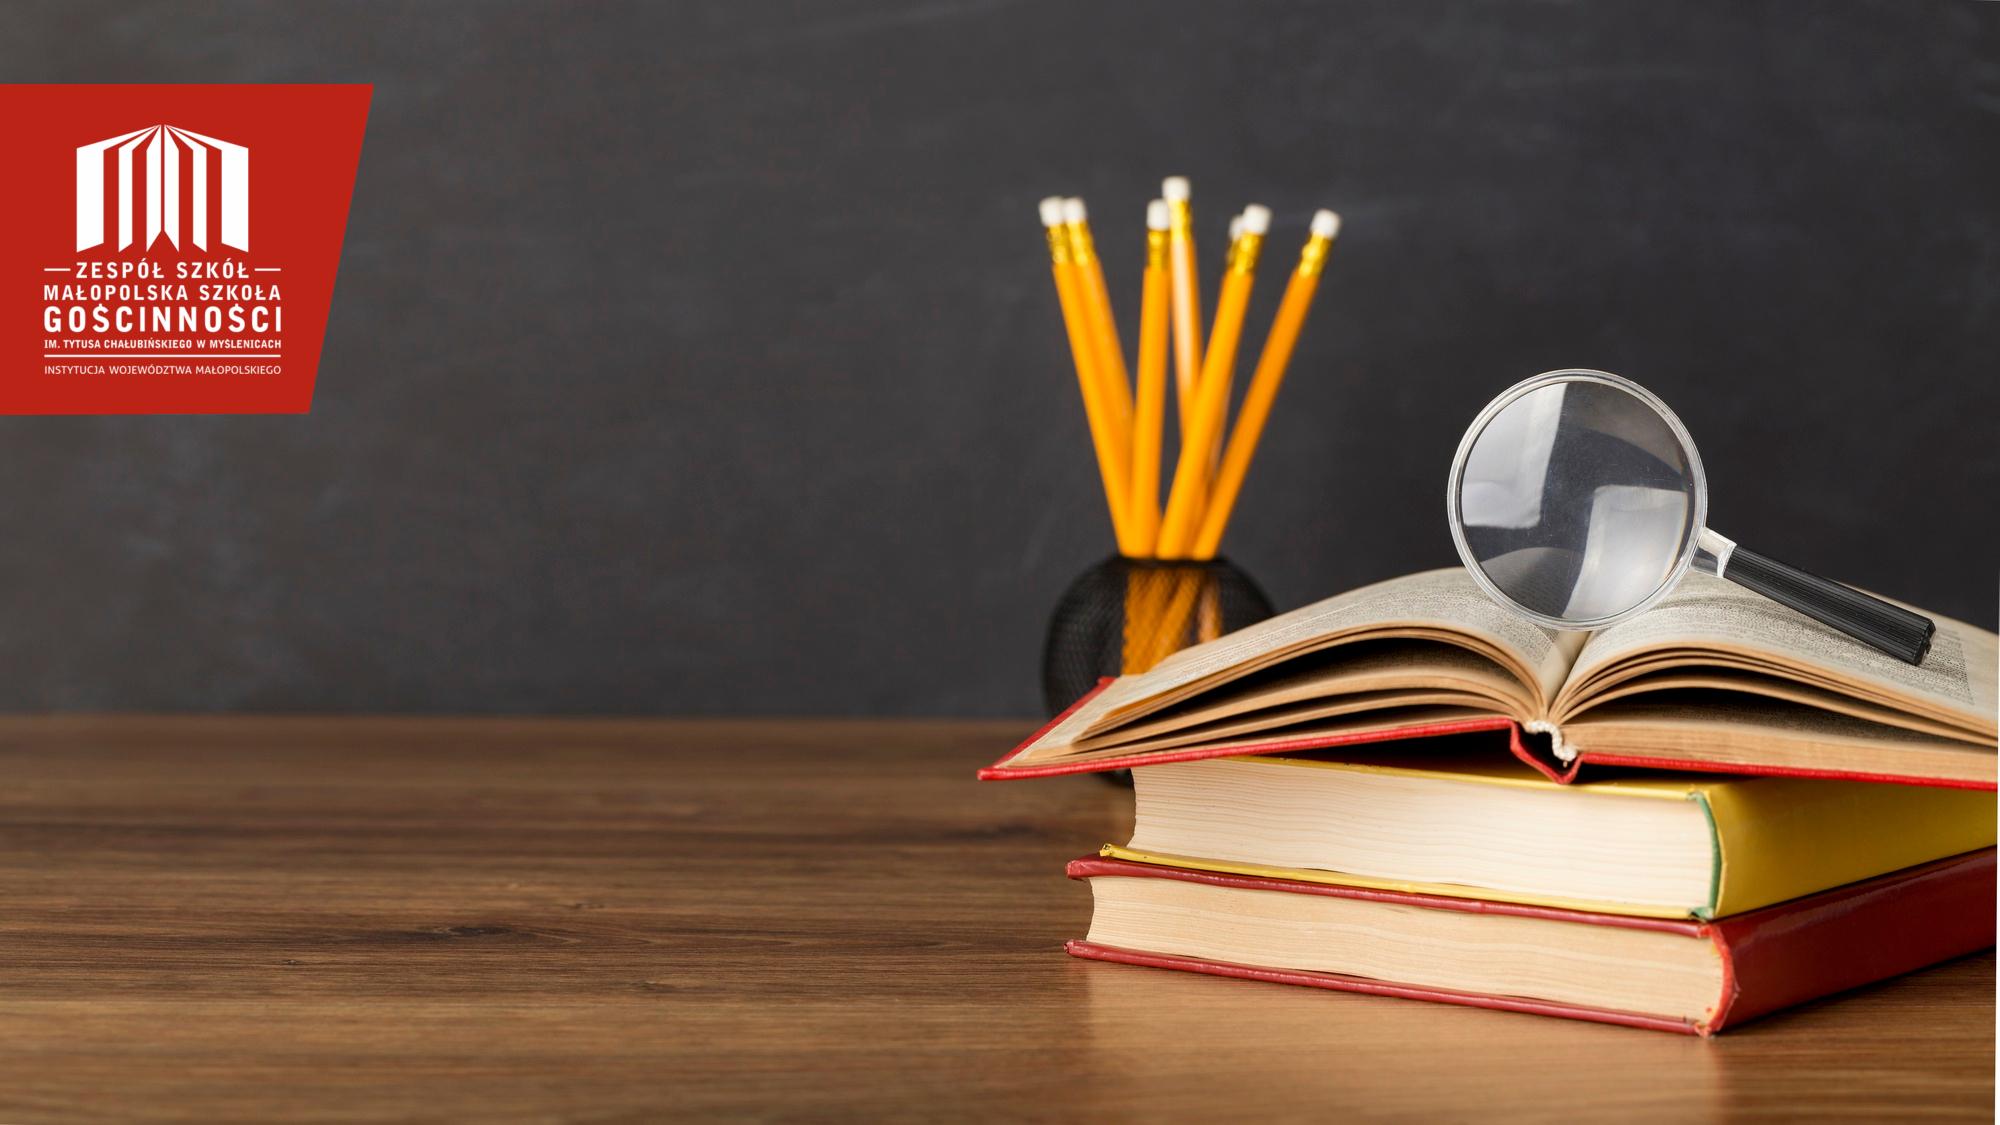 widok na biurko z książkami i ołówkami